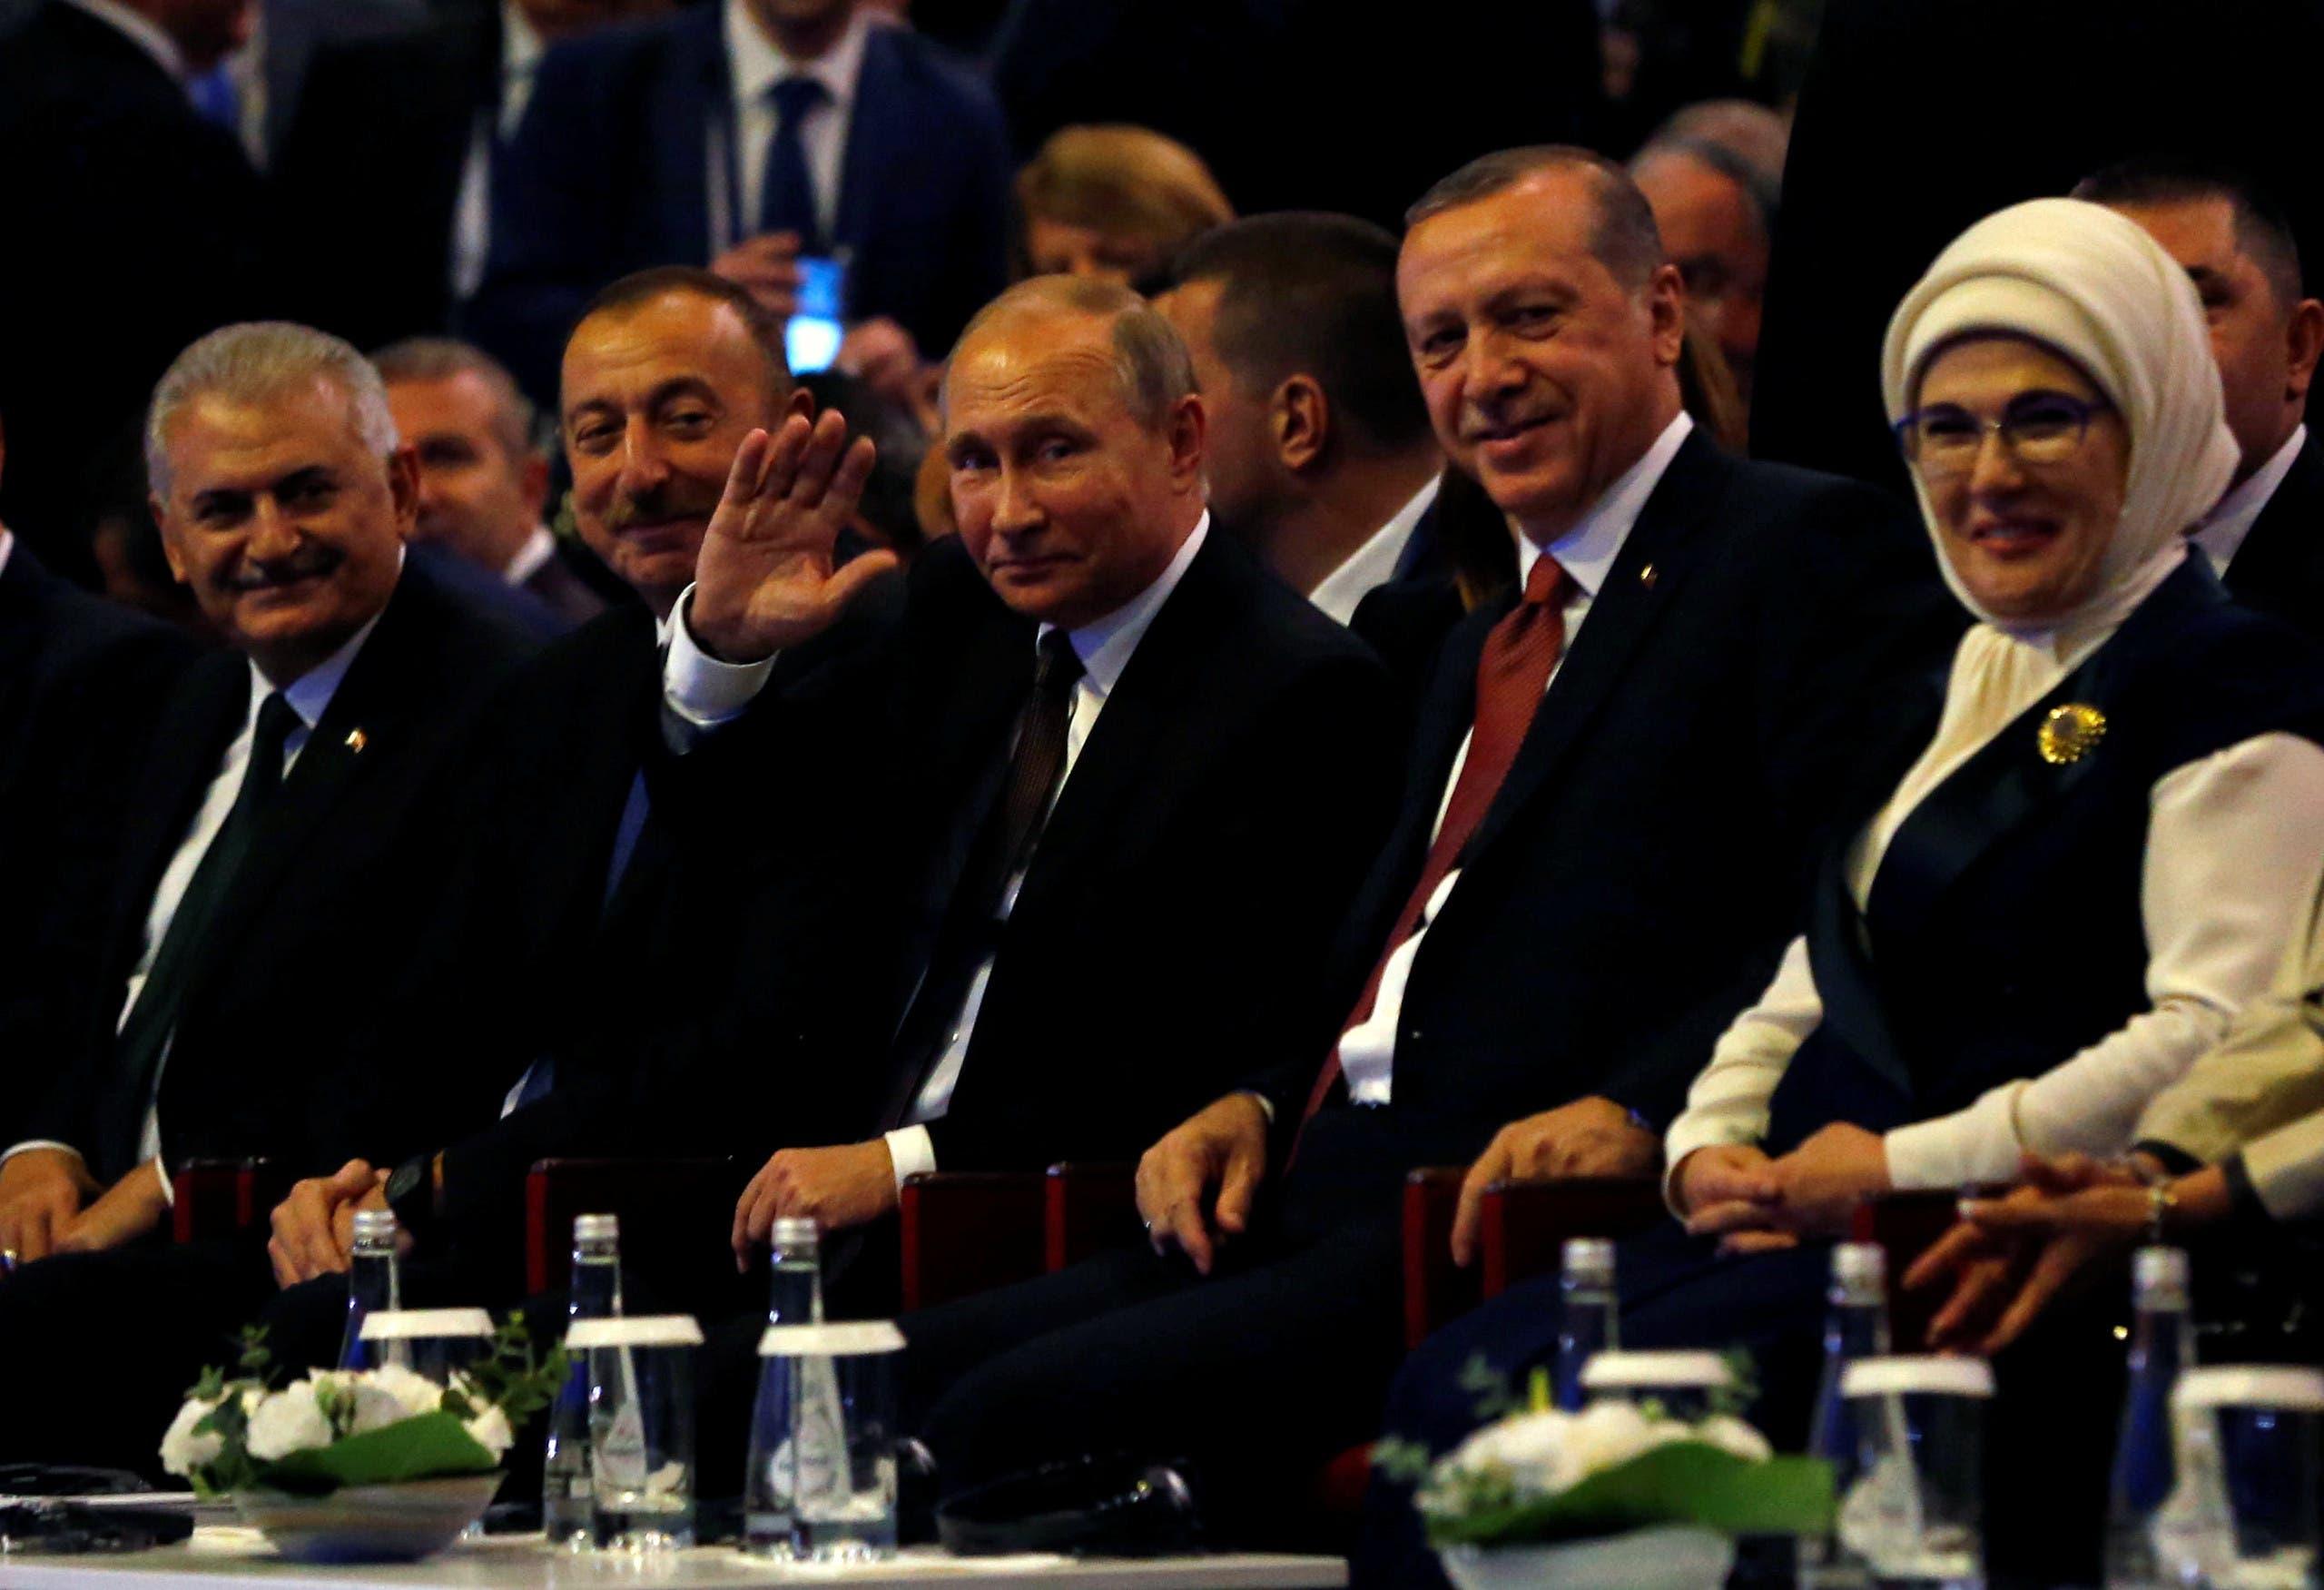 روسی صدر ولادی میر پوتین ، ترک صدر رجب طیب ایردوآن ،آذربائیجان کے صدر الہام علیوف اور ترک وزیراعظم بن علی یلدرم استنبول میں منعقدہ عالمی توانائی کانفرنس میں شریک ہیں۔